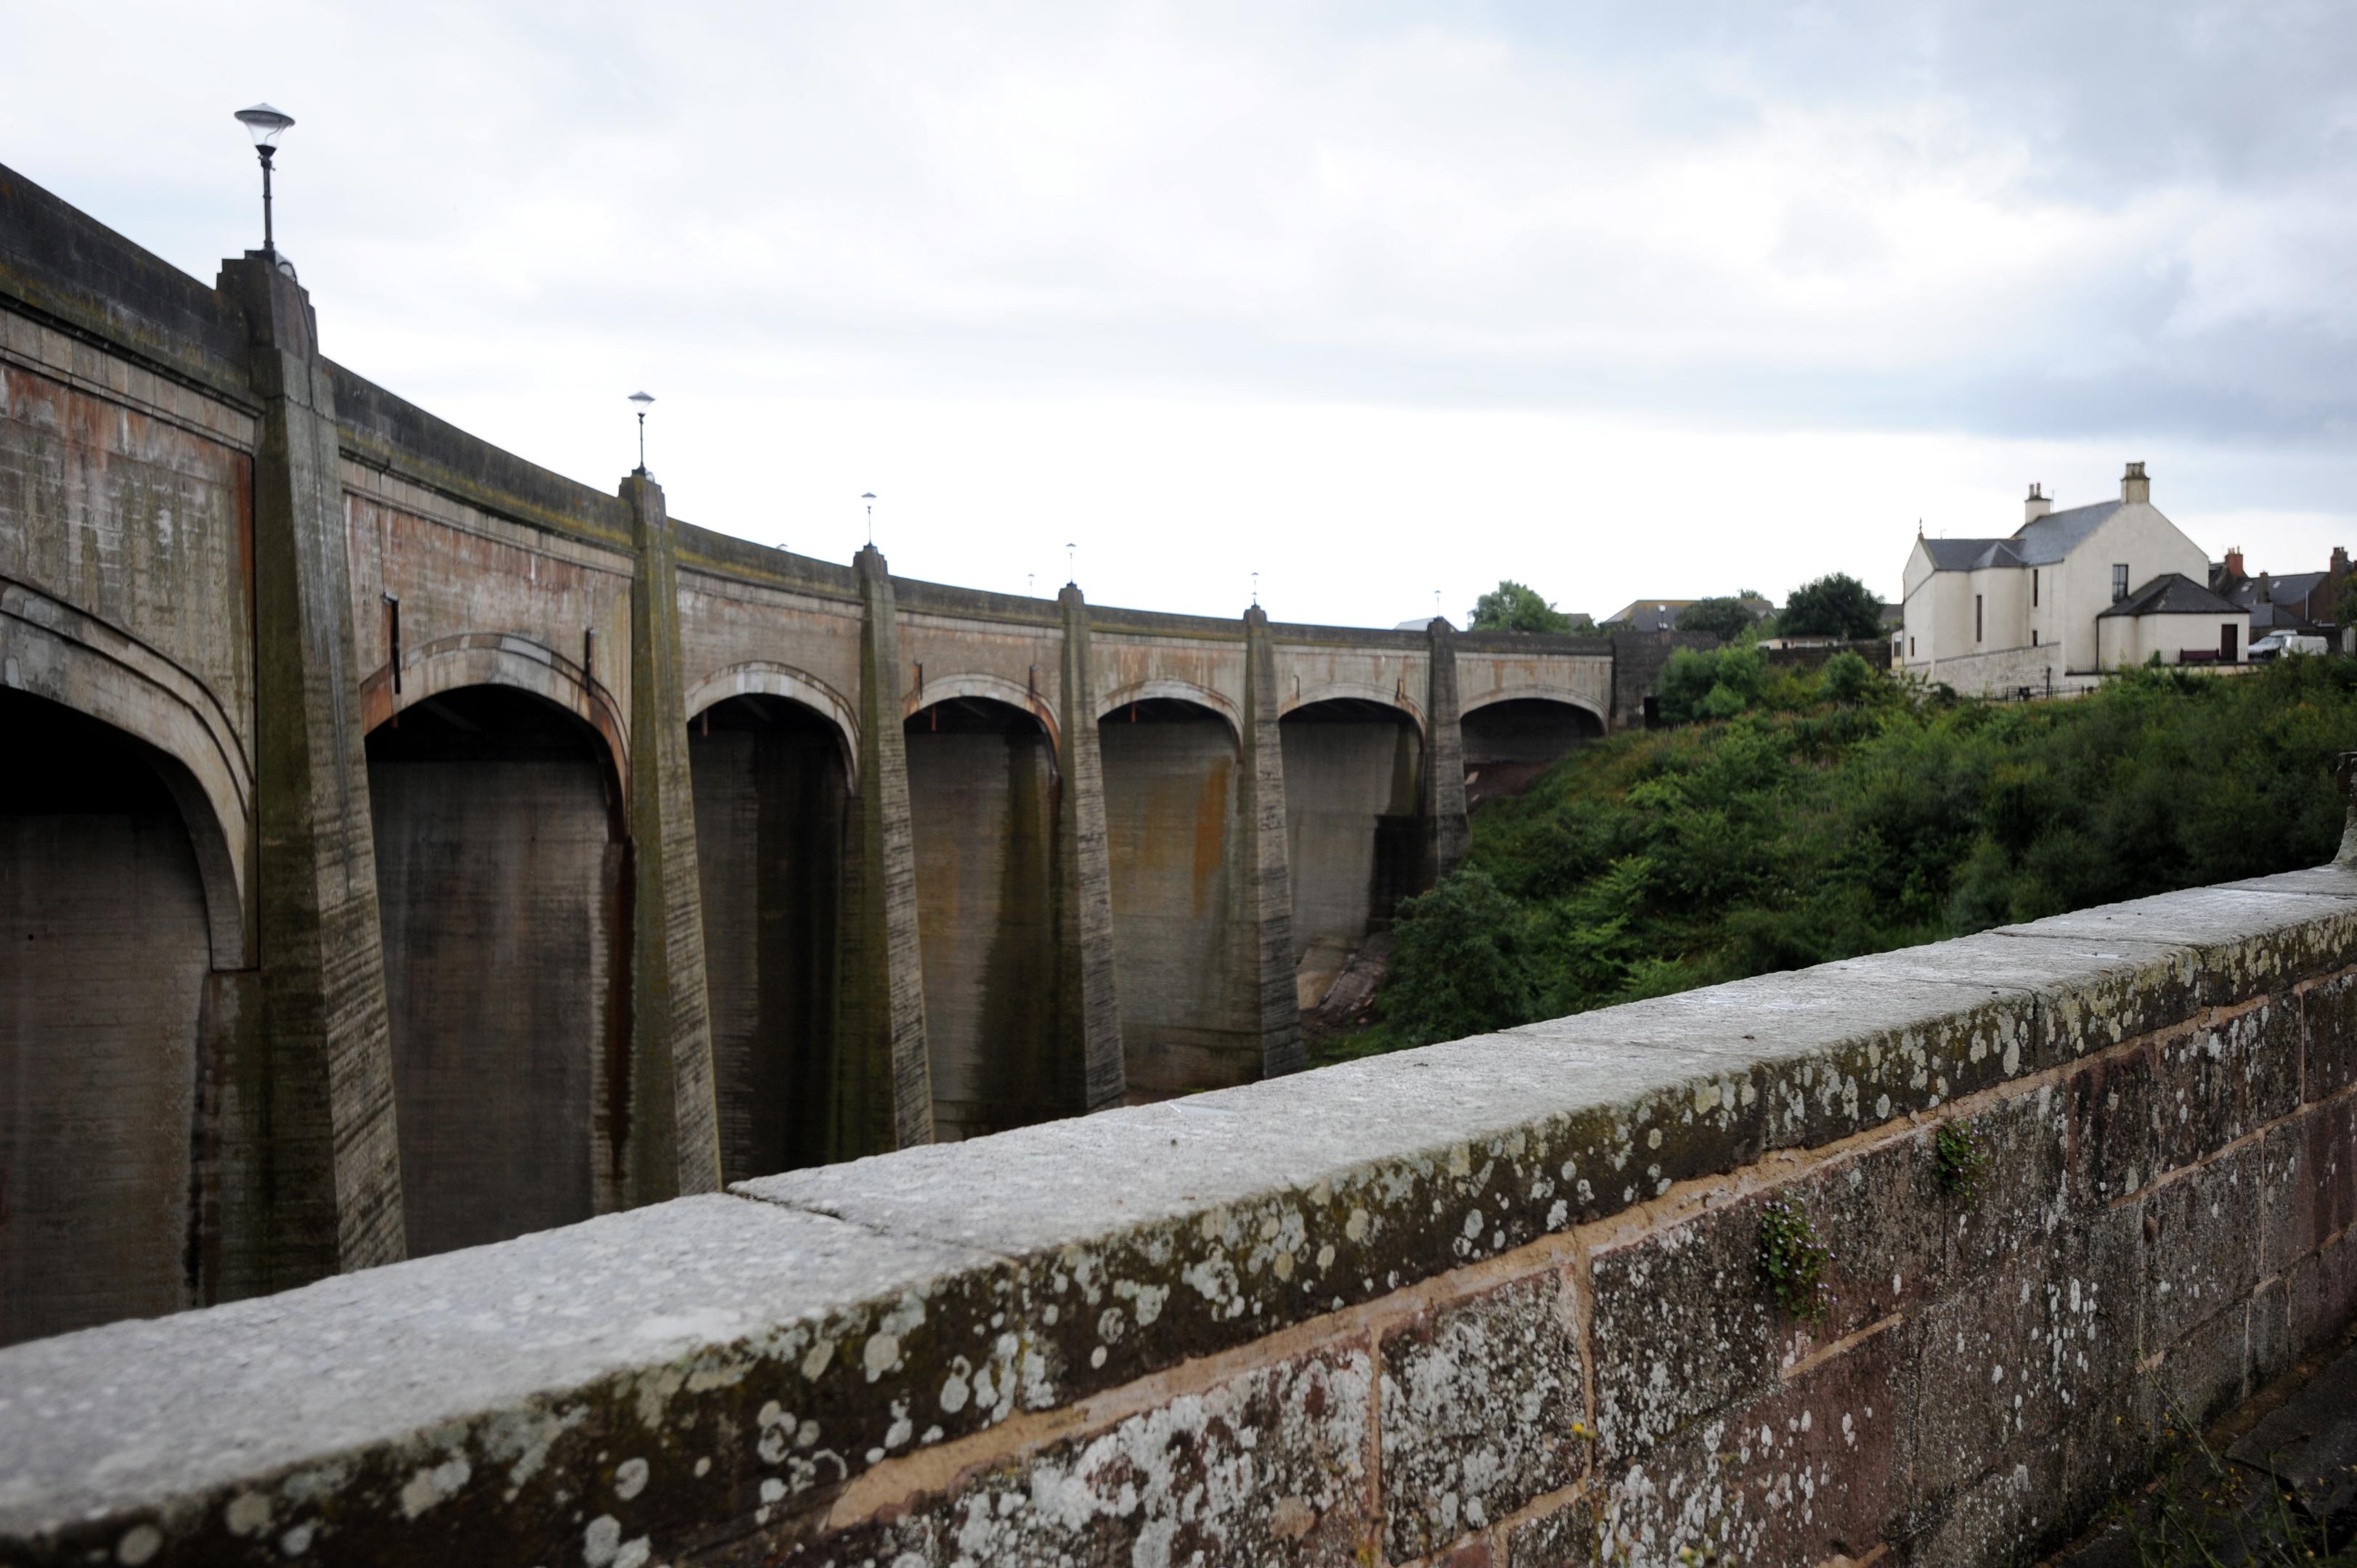 Inverbervie Bridge.